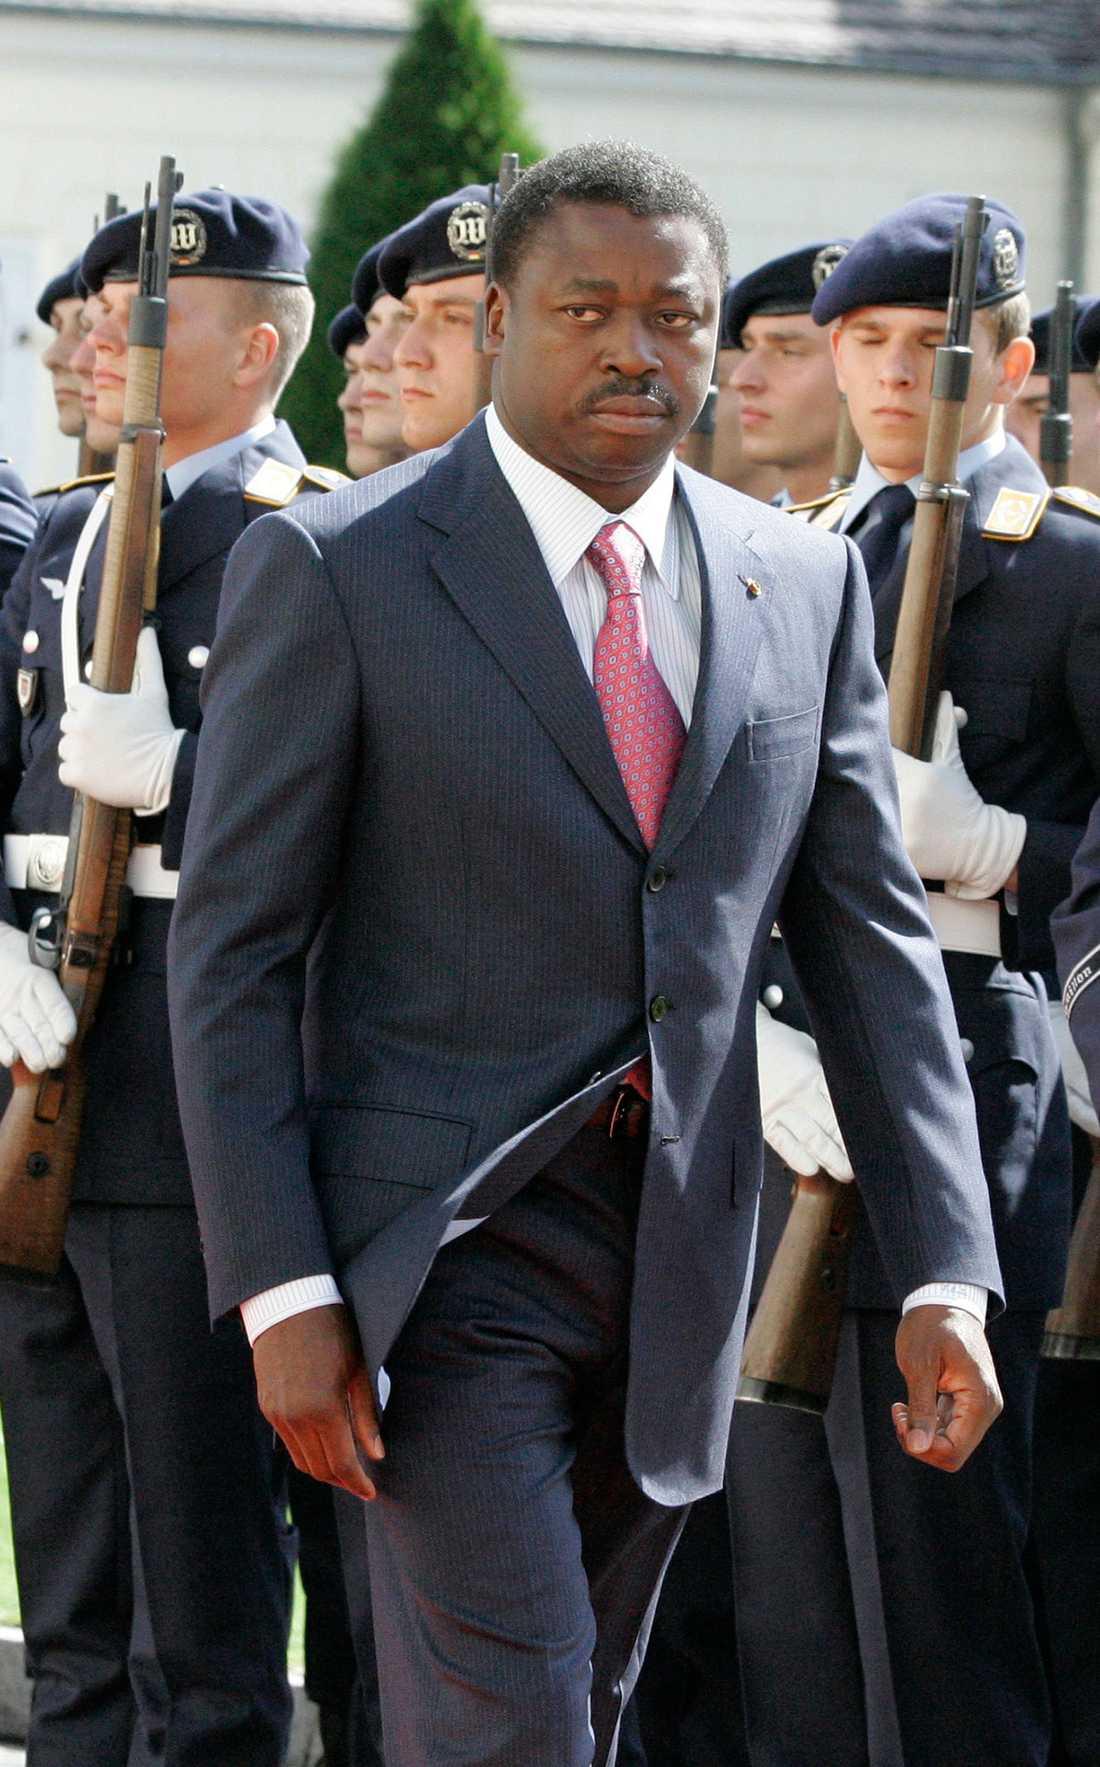 Togo, 2012 Kvinnor från landets oppositionsparti uppmanade till en veckas lång sexstrejk med målet att landets president Faure Gnassingbé (ovan) skulle avgå. Presidentens familj hade då styrt landet i mer än fyrtio år, vilket har skapat oroligheter och våldsamheter i landet.